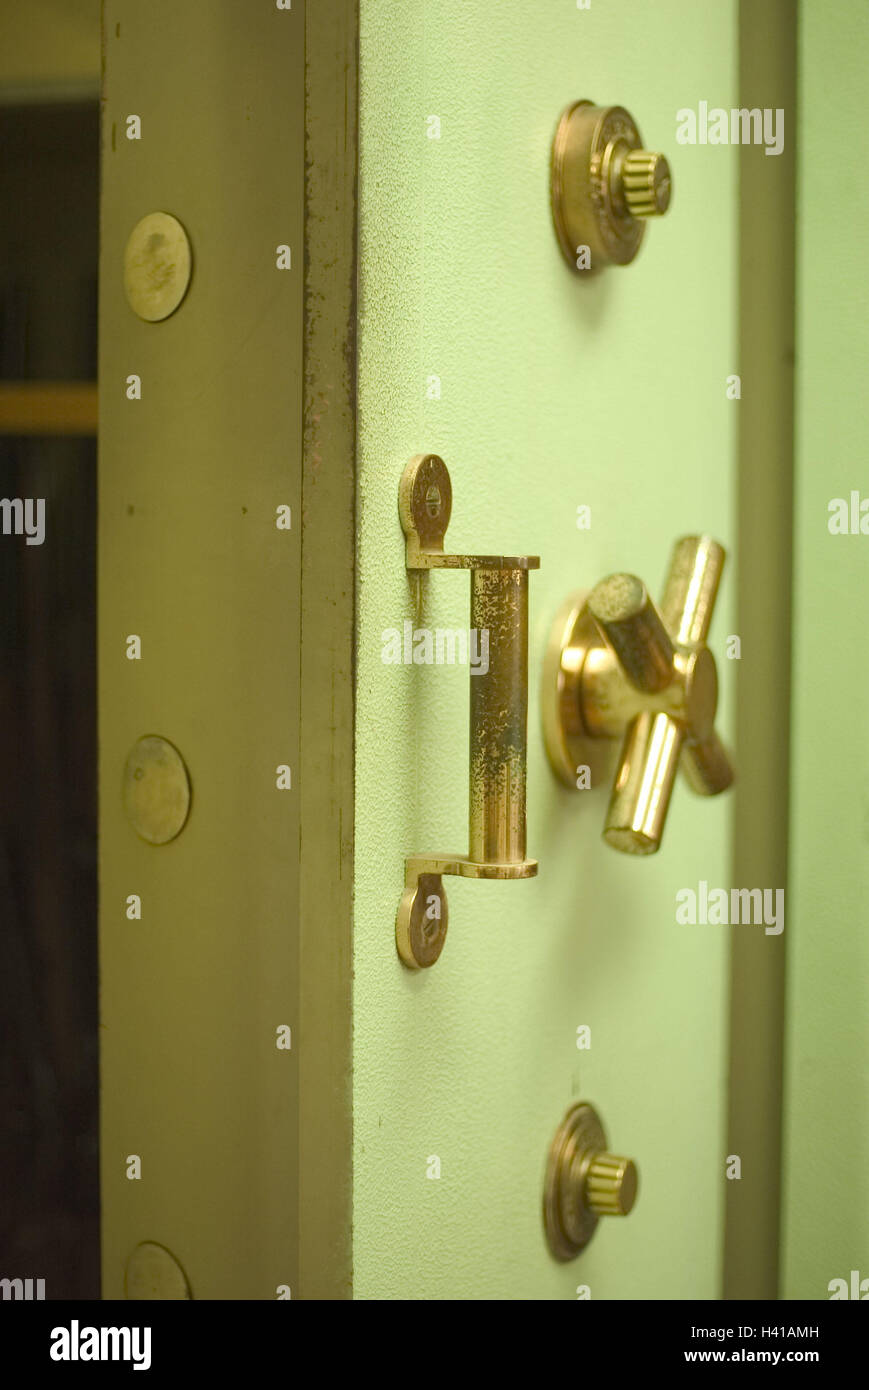 Tresor, Tür, Detail, Griffe, Schlösser Tresor Schrank, Safe, Schrank ...